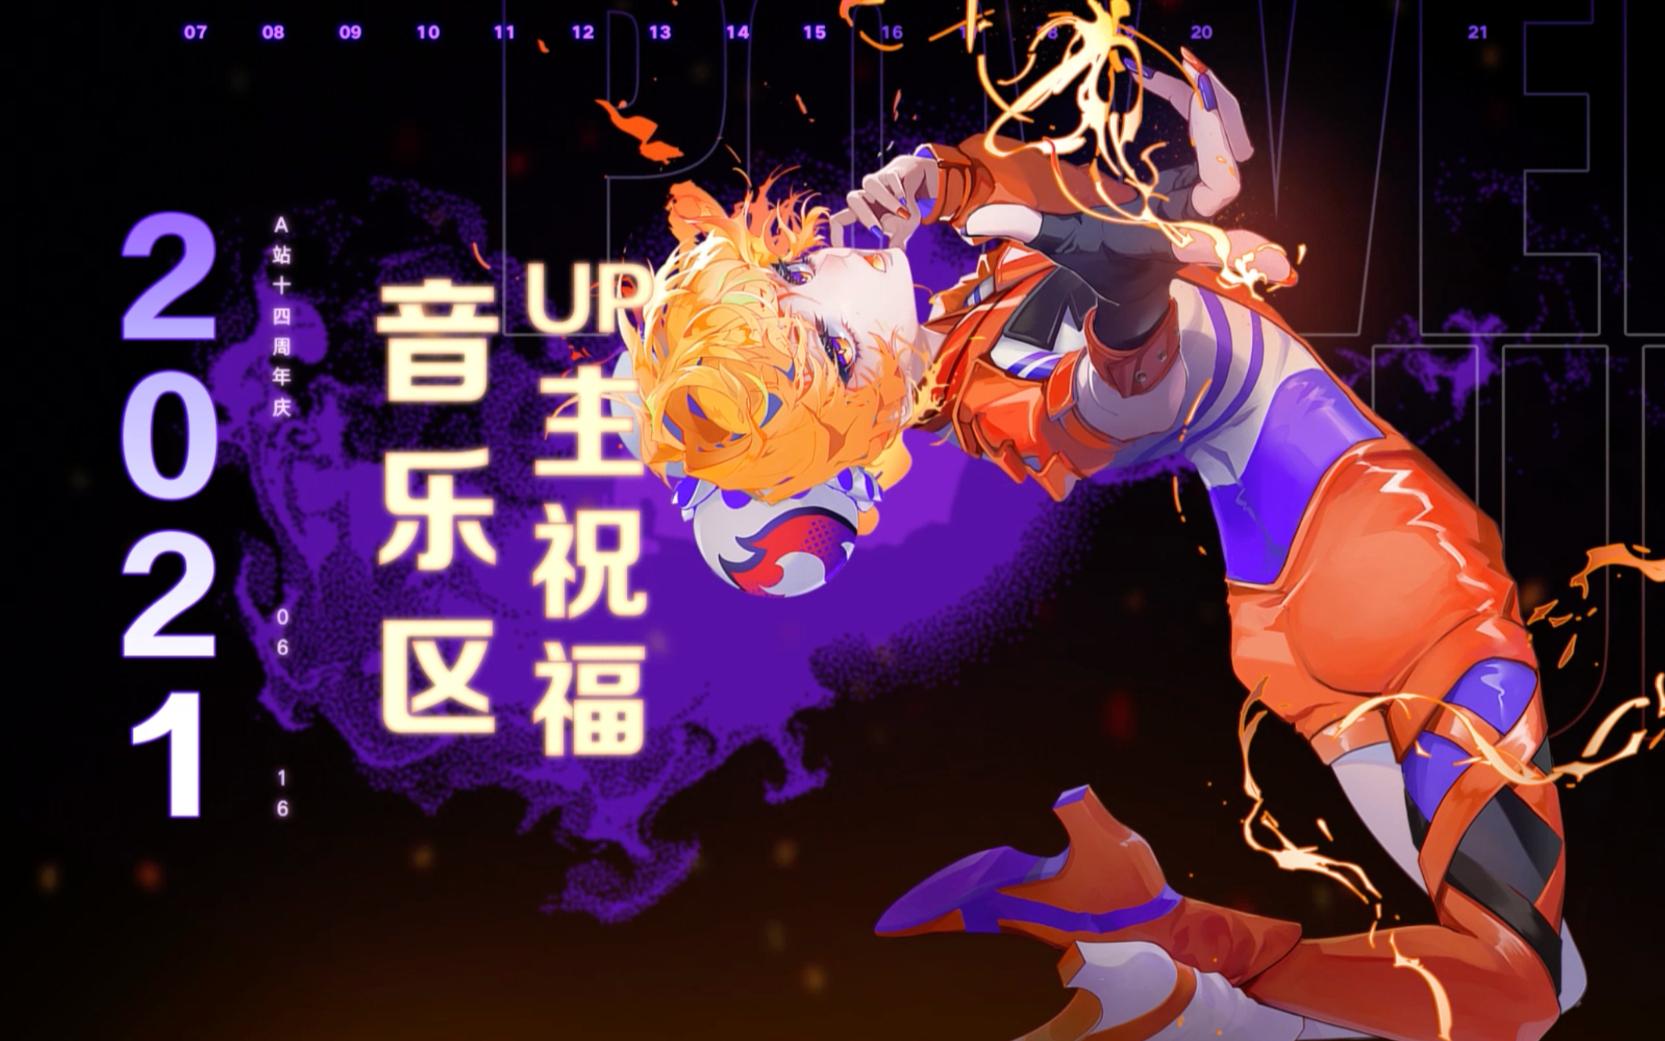 【十四周年庆】音乐区UP主祝AcFun生日快乐!